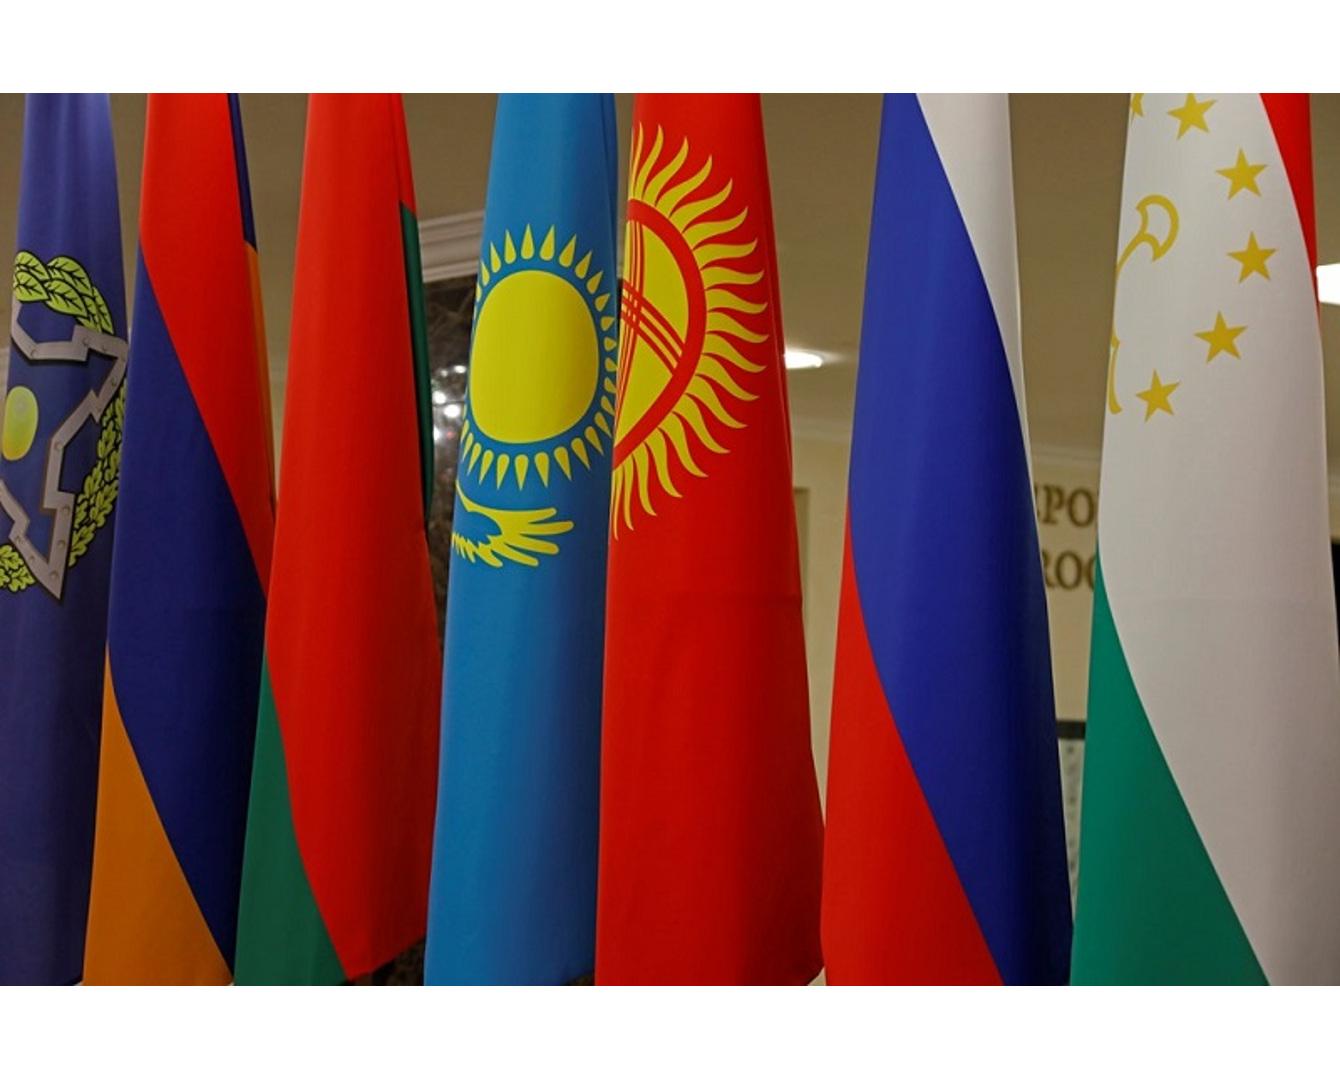 Вопросы совершенствования системы коллективной безопасности обсудили в Москве